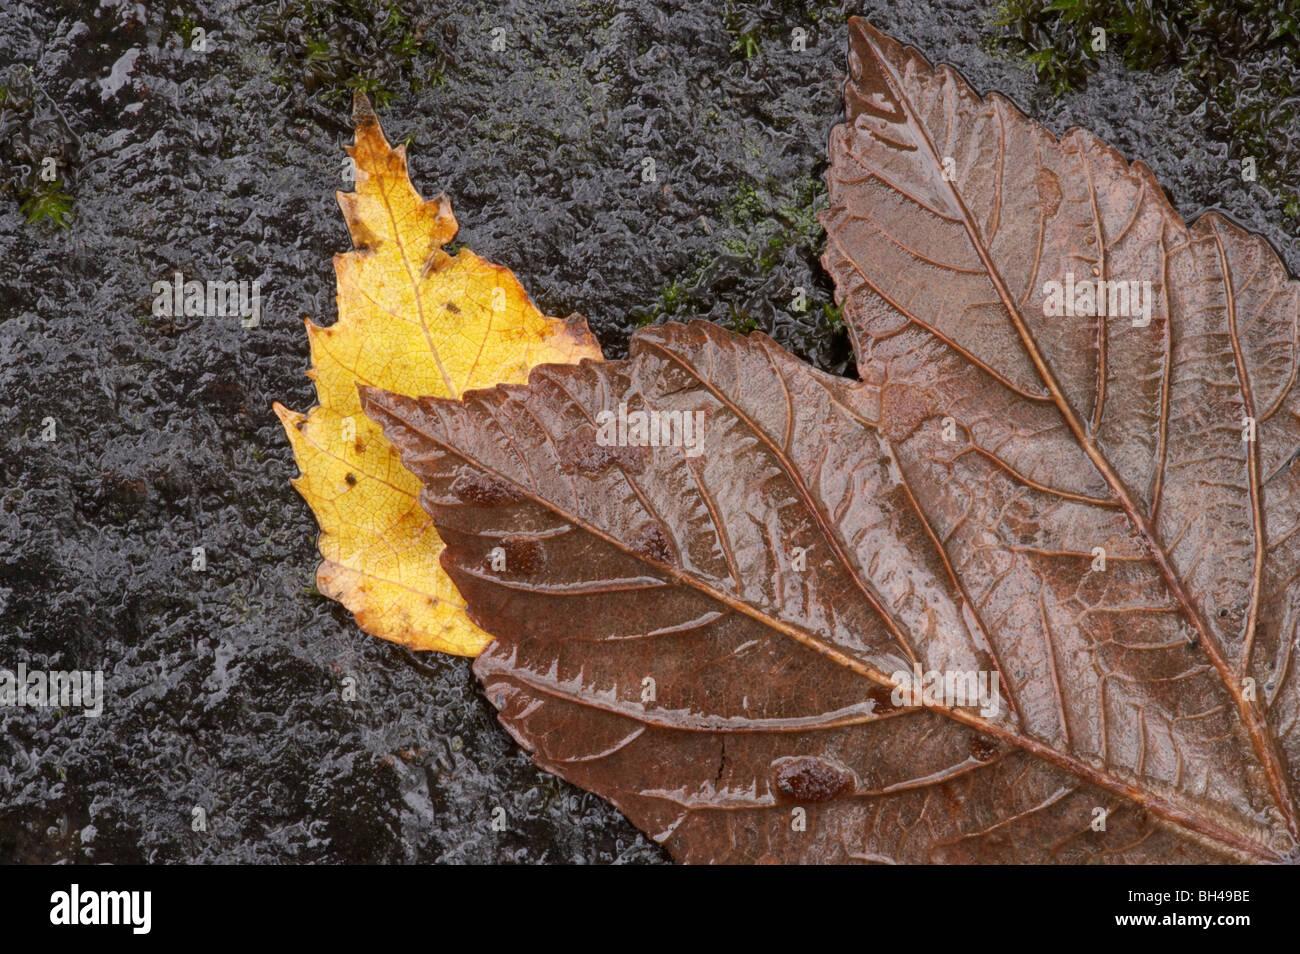 Composición abstracta de wet silver abedul (Betula pendula) y hojas de sicomoro, Lake District. Foto de stock